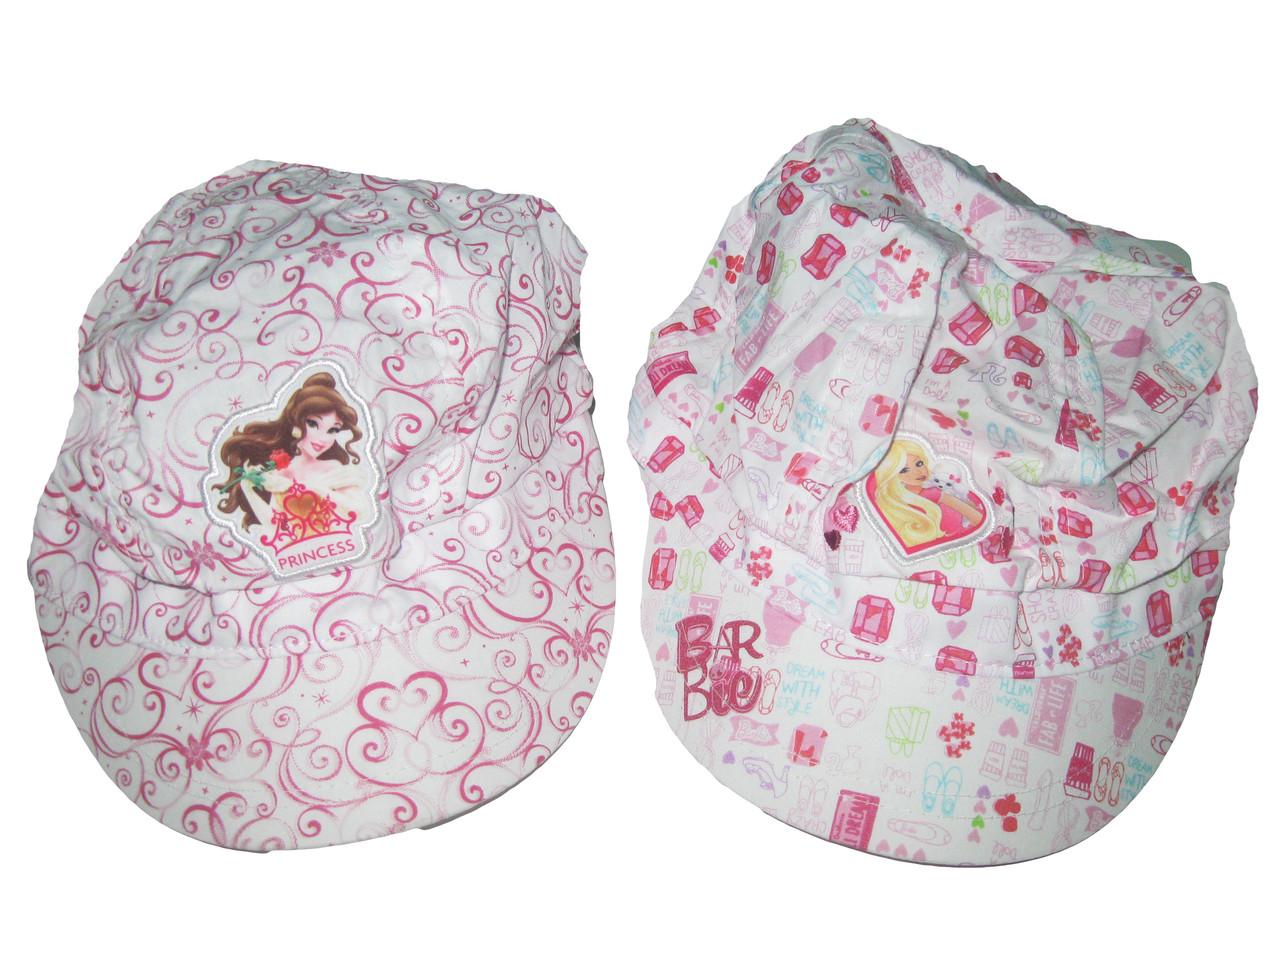 Кепка-панамка для девочки Barbie (Дисней), размеры 54 см (2 шт), арт. 770-103